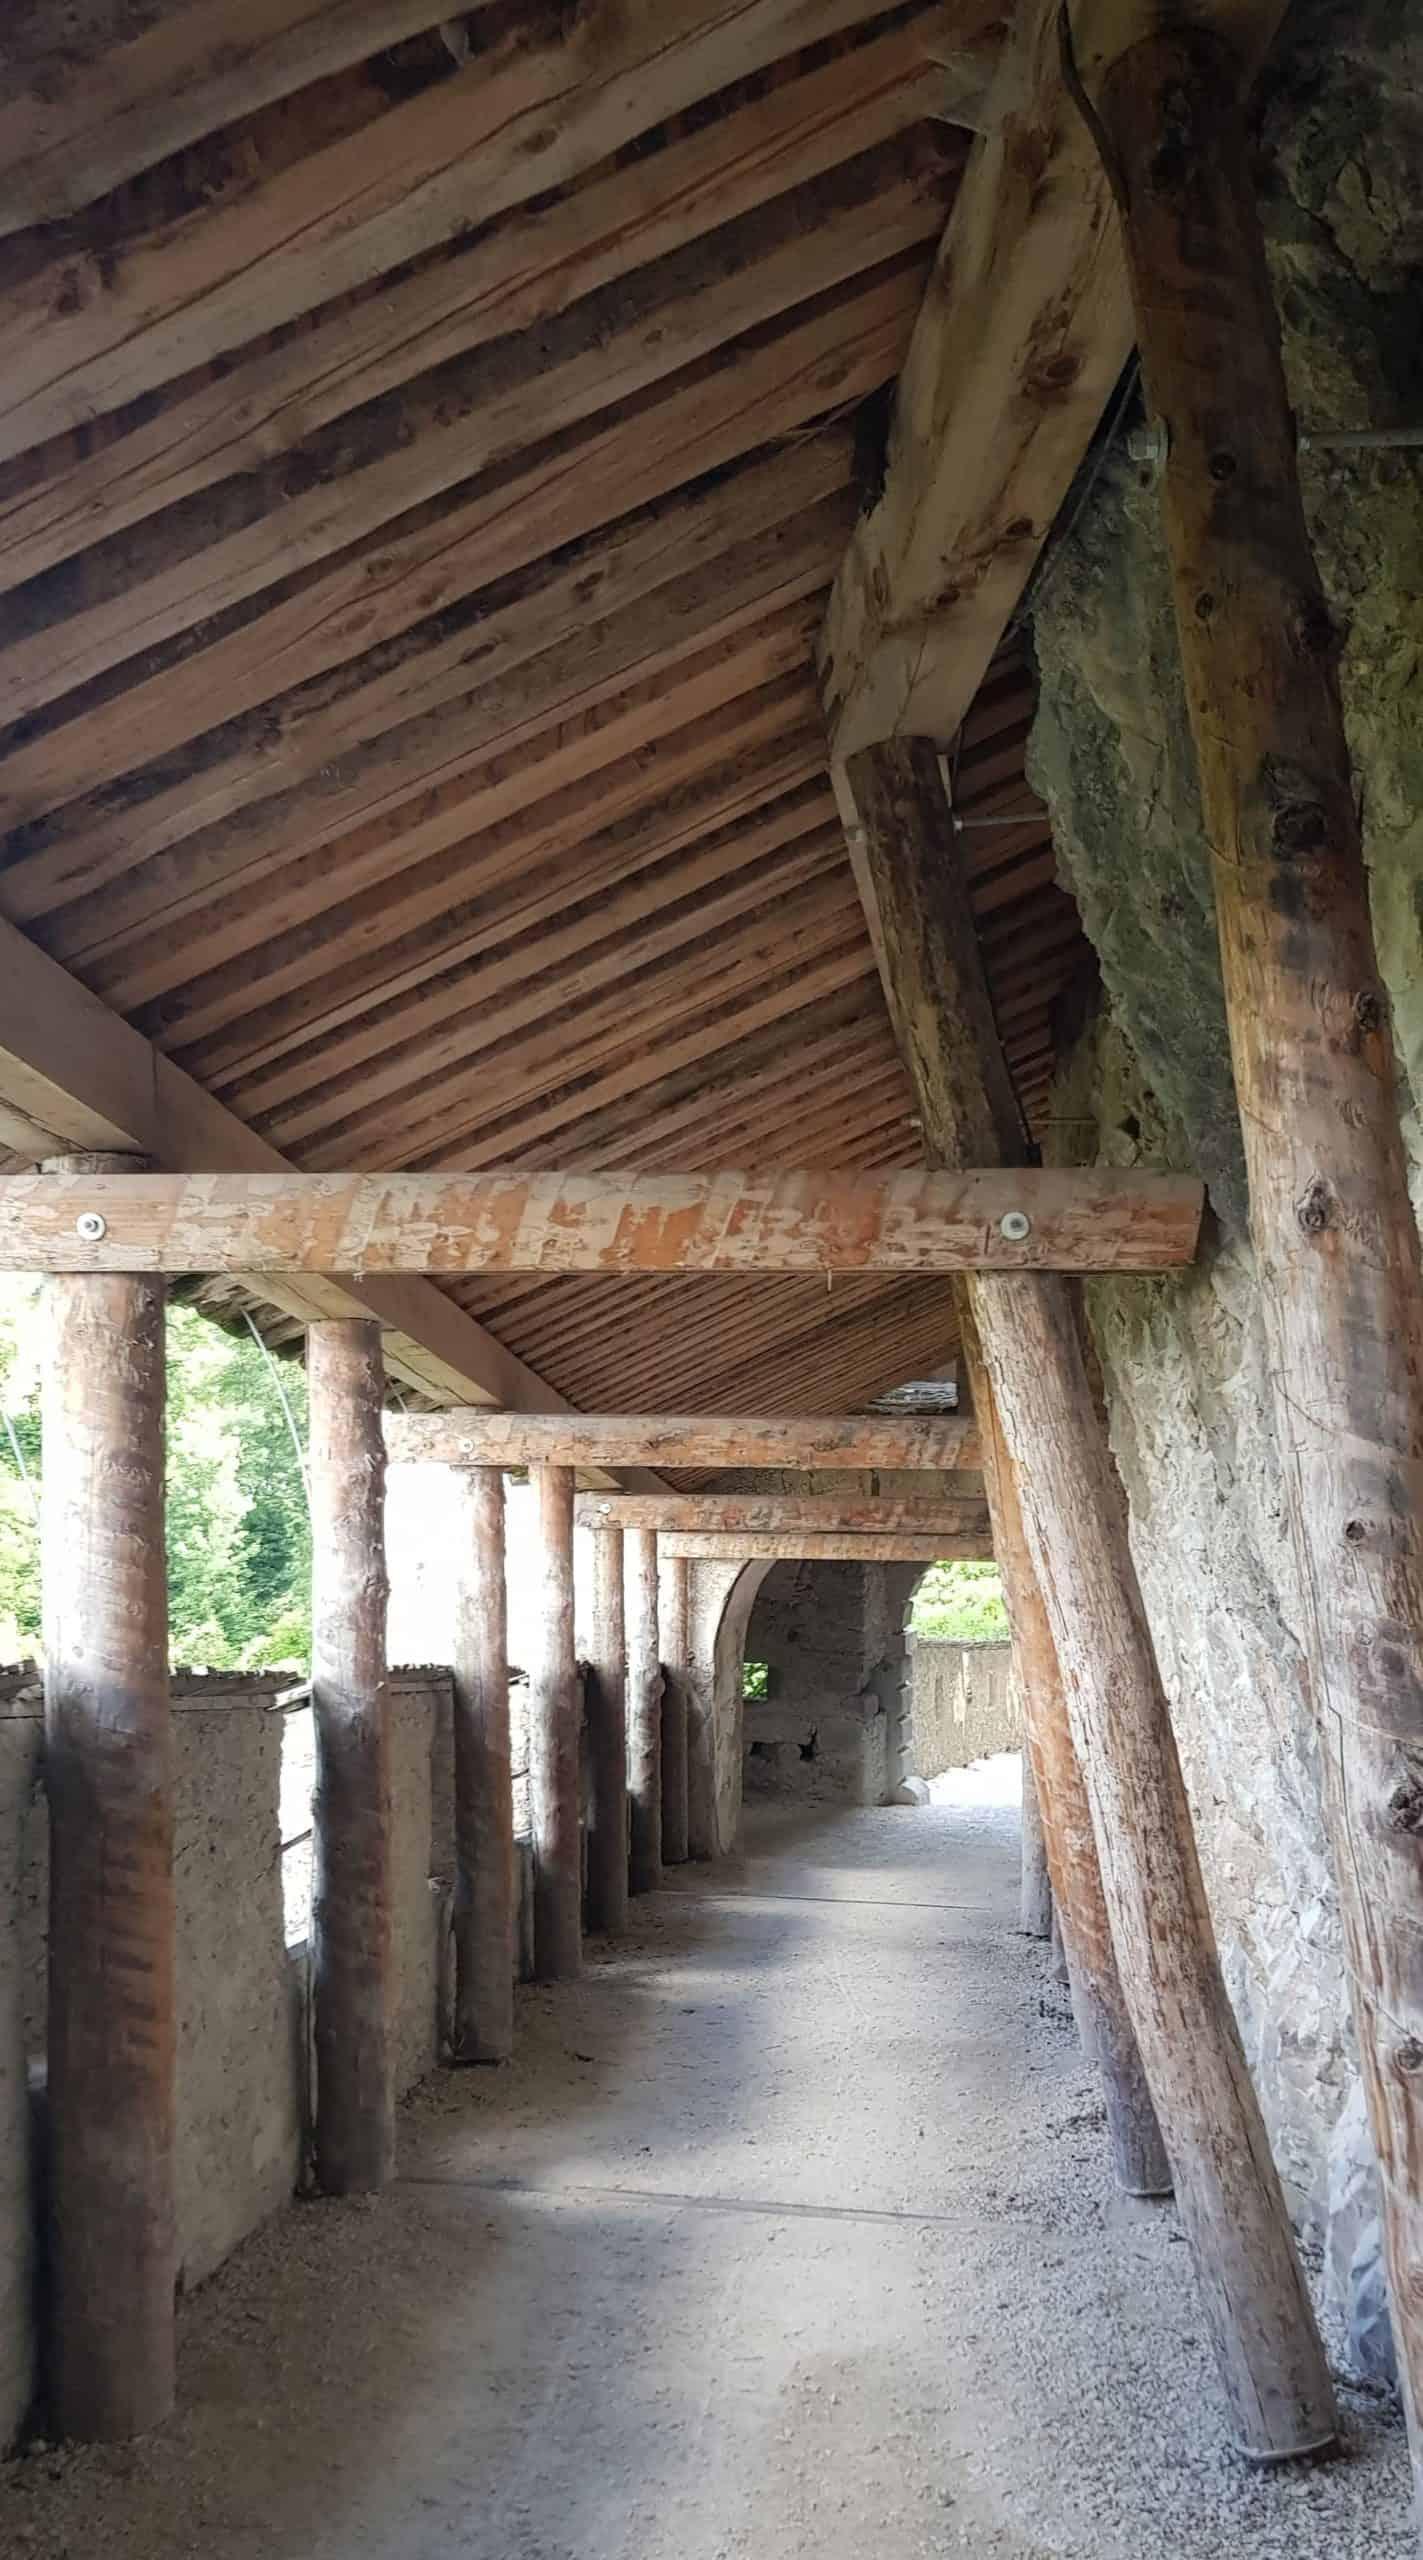 Wächtertor innen. Eines der 14 Burgtore der Burg Hochosterwitz. Geschichtliche Sehenswürdigkeiten in Österreich.